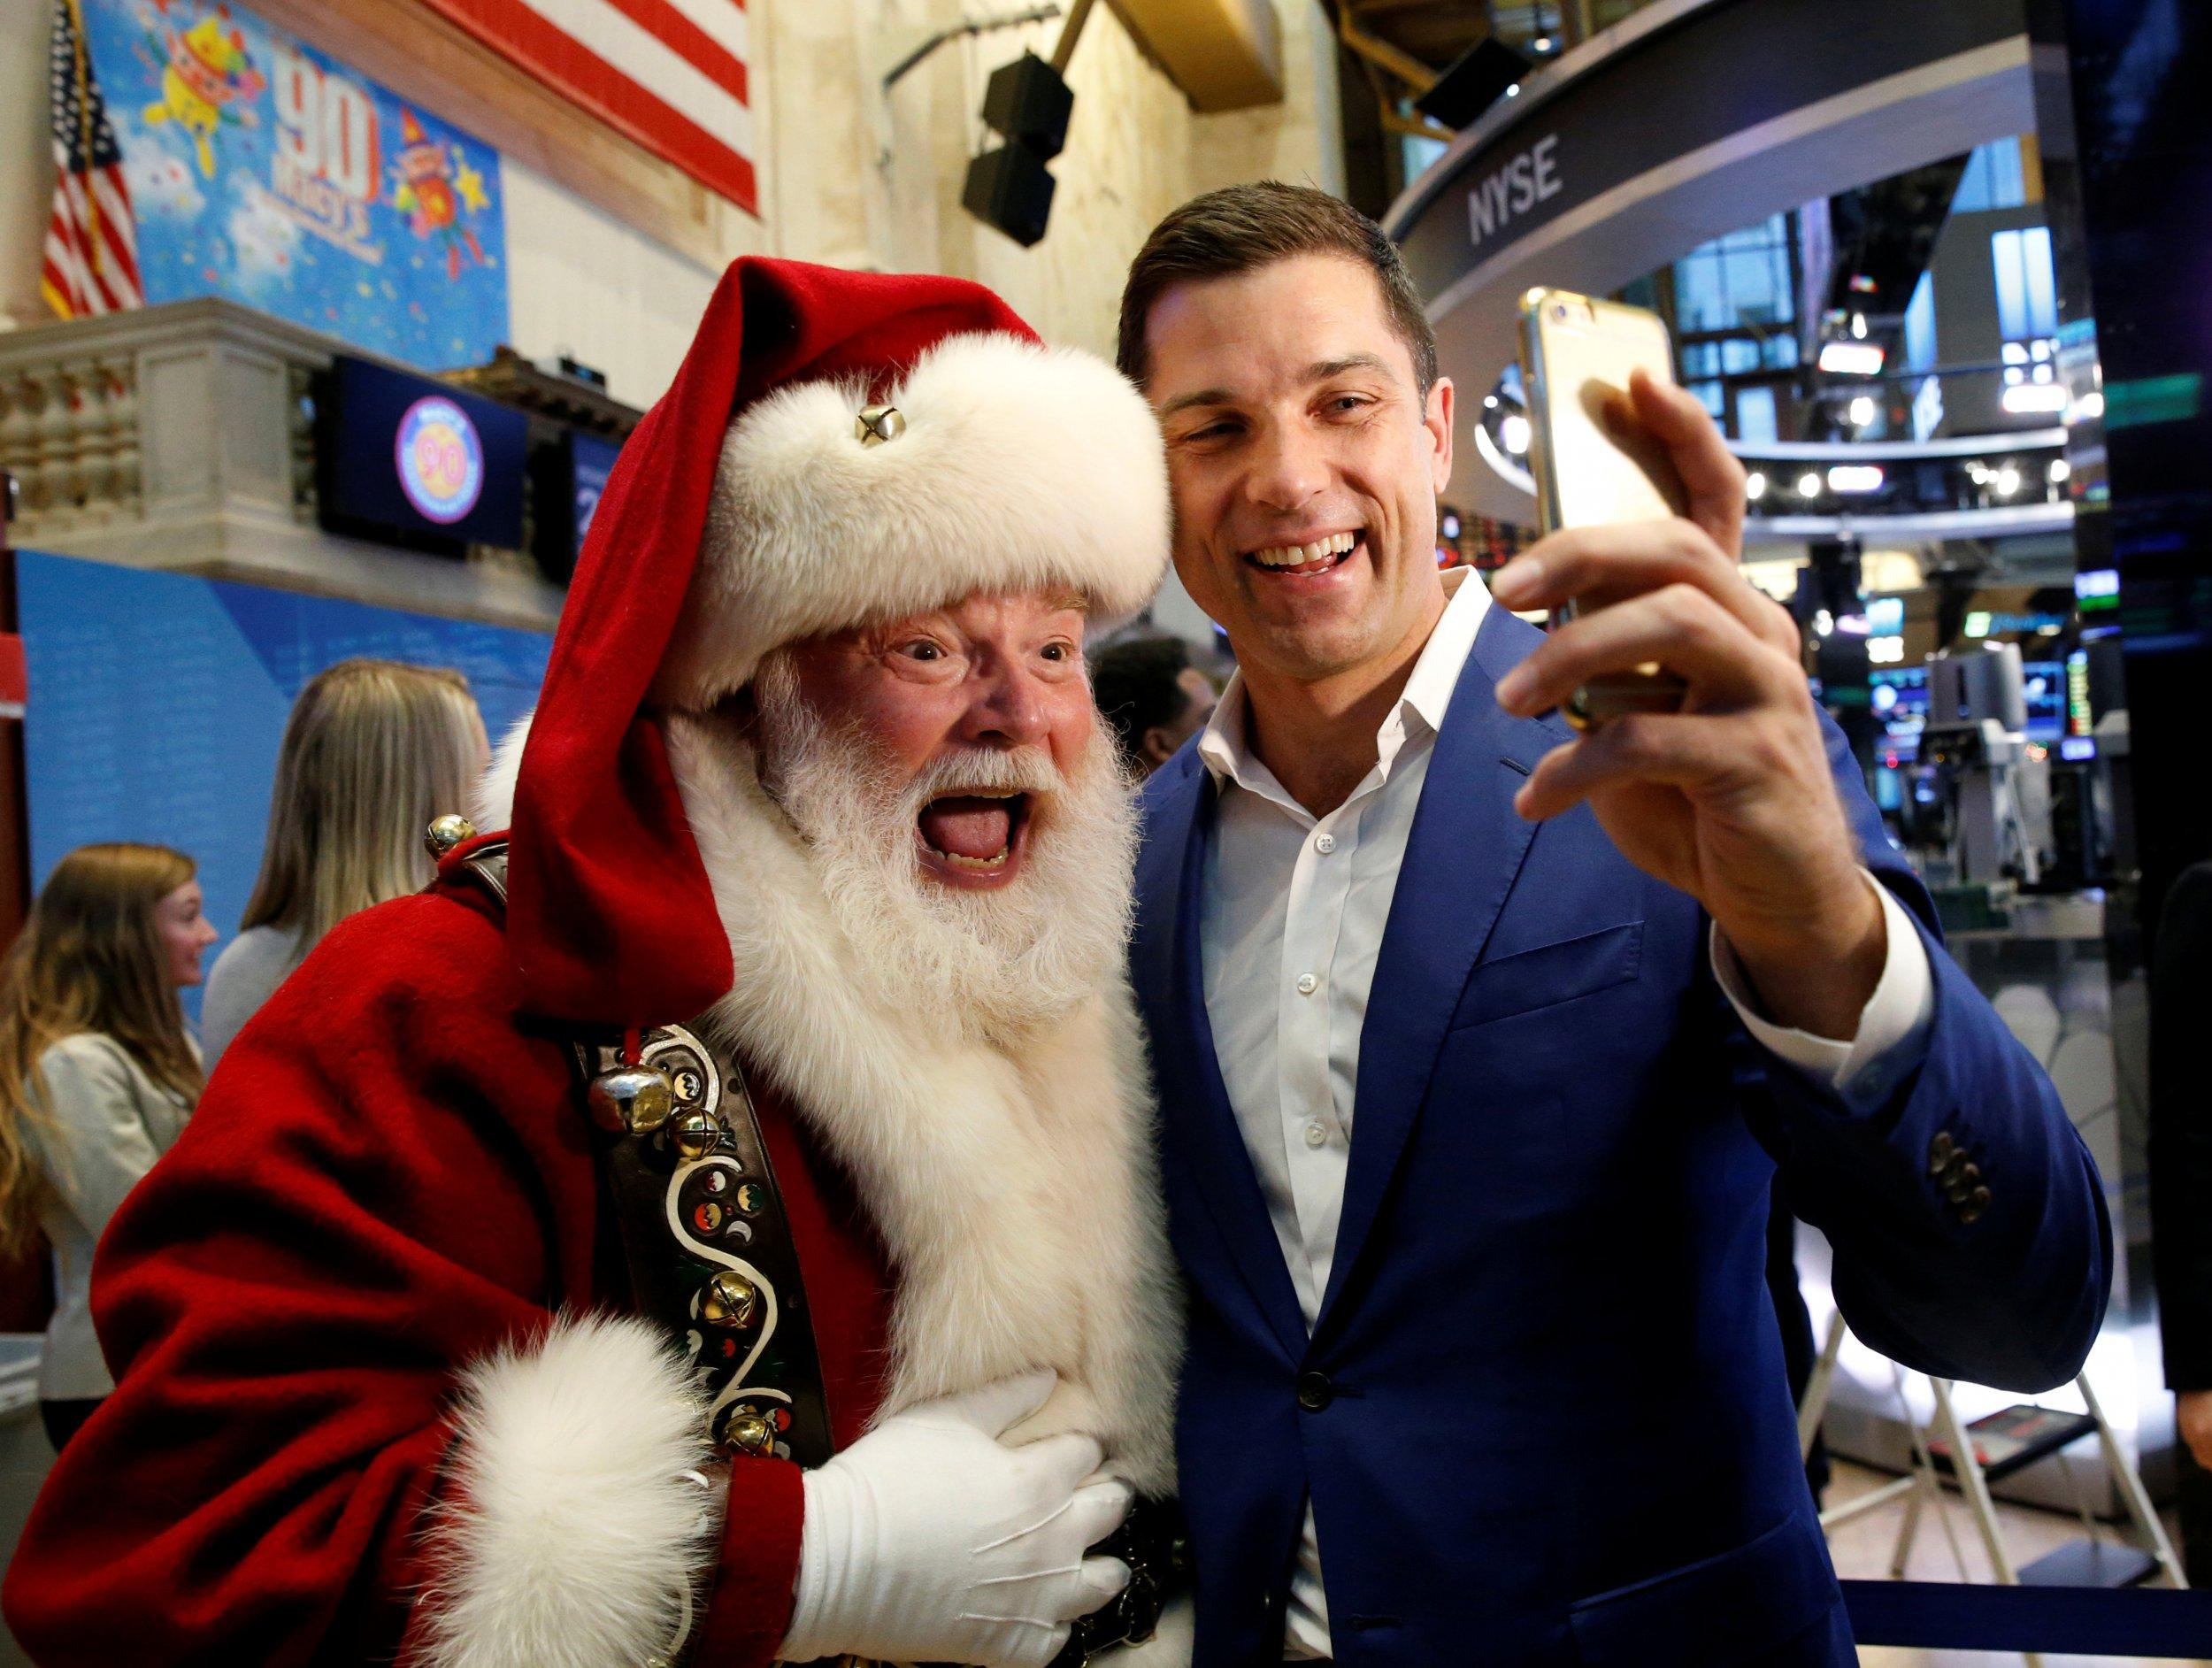 Santa and Tom Farley